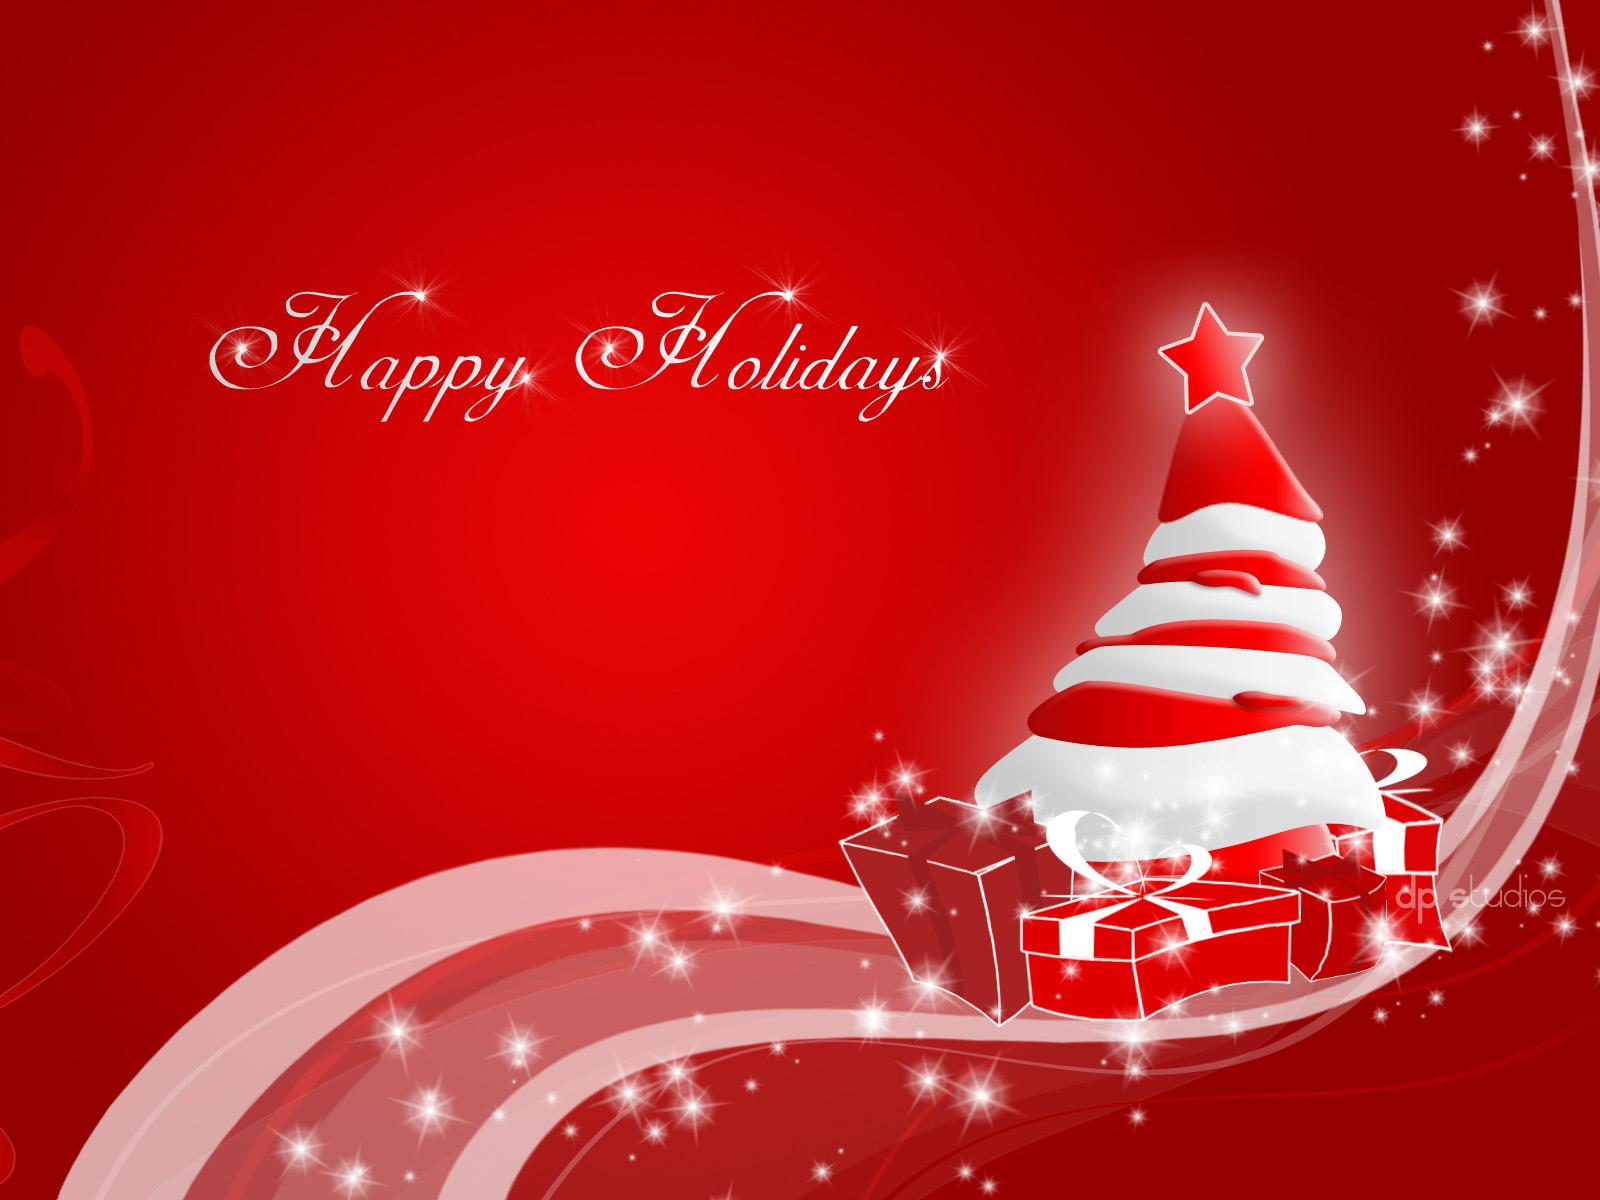 PicturesPool: Happy Christmas 2013